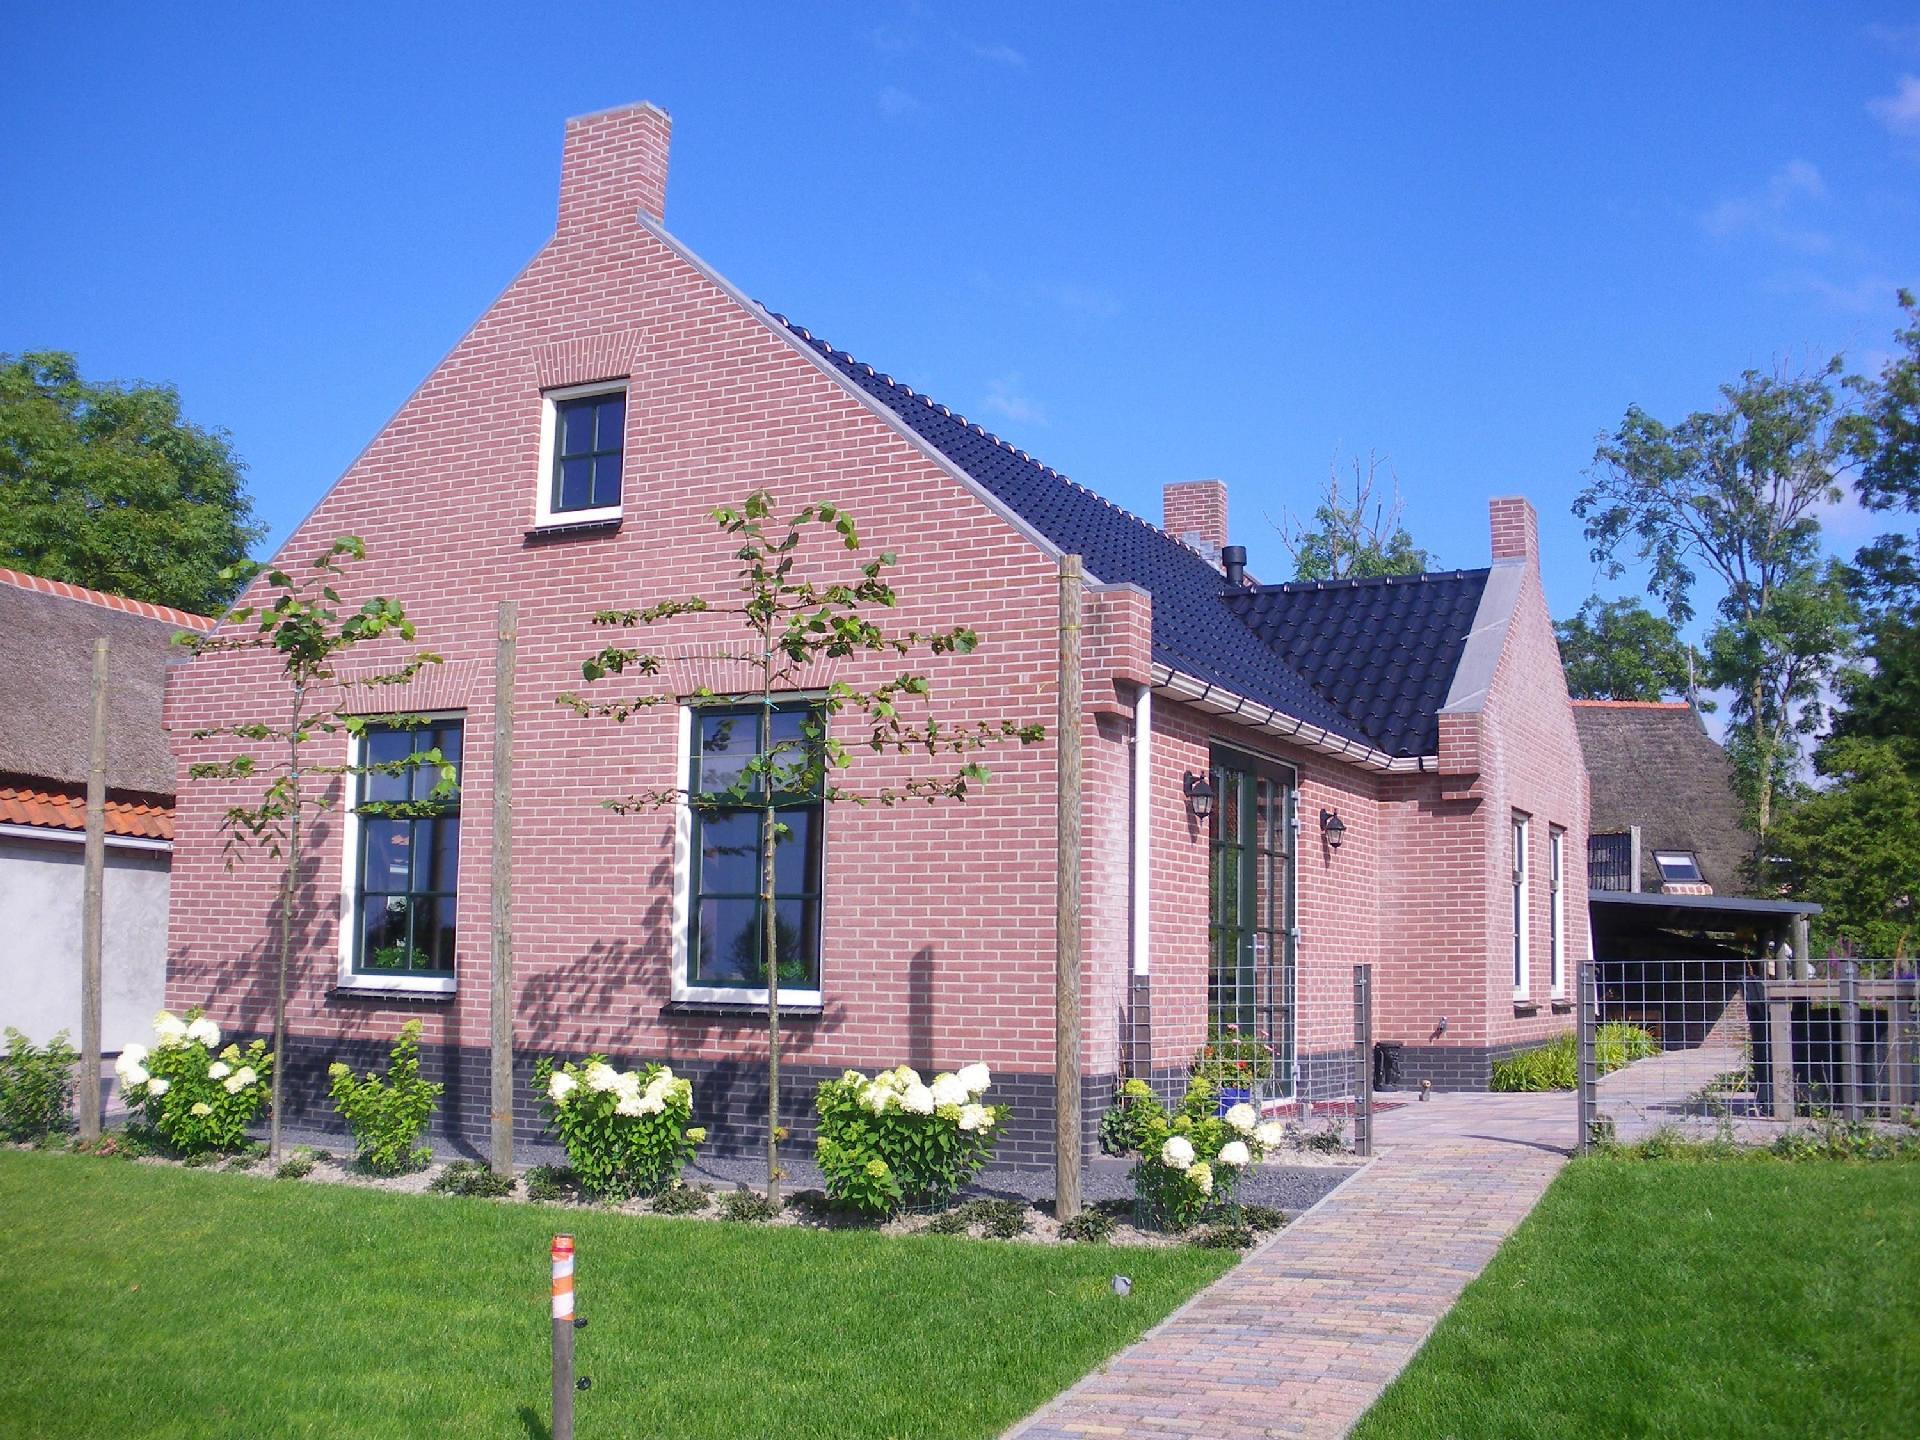 Ferienhaus für 5 Personen ca. 85 m² in A  in den Niederlande